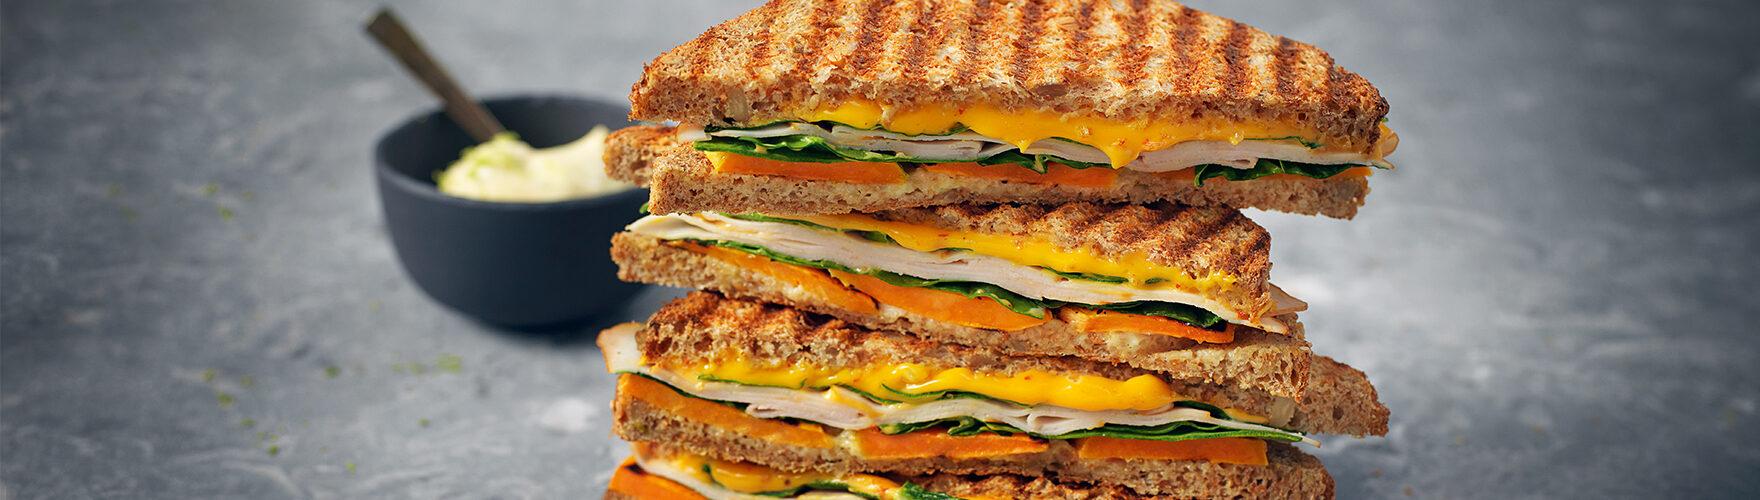 Toast mit Cheddar, Hähnchenfilet, Spinat, Süßkartoffel und Limettenmayonnaise